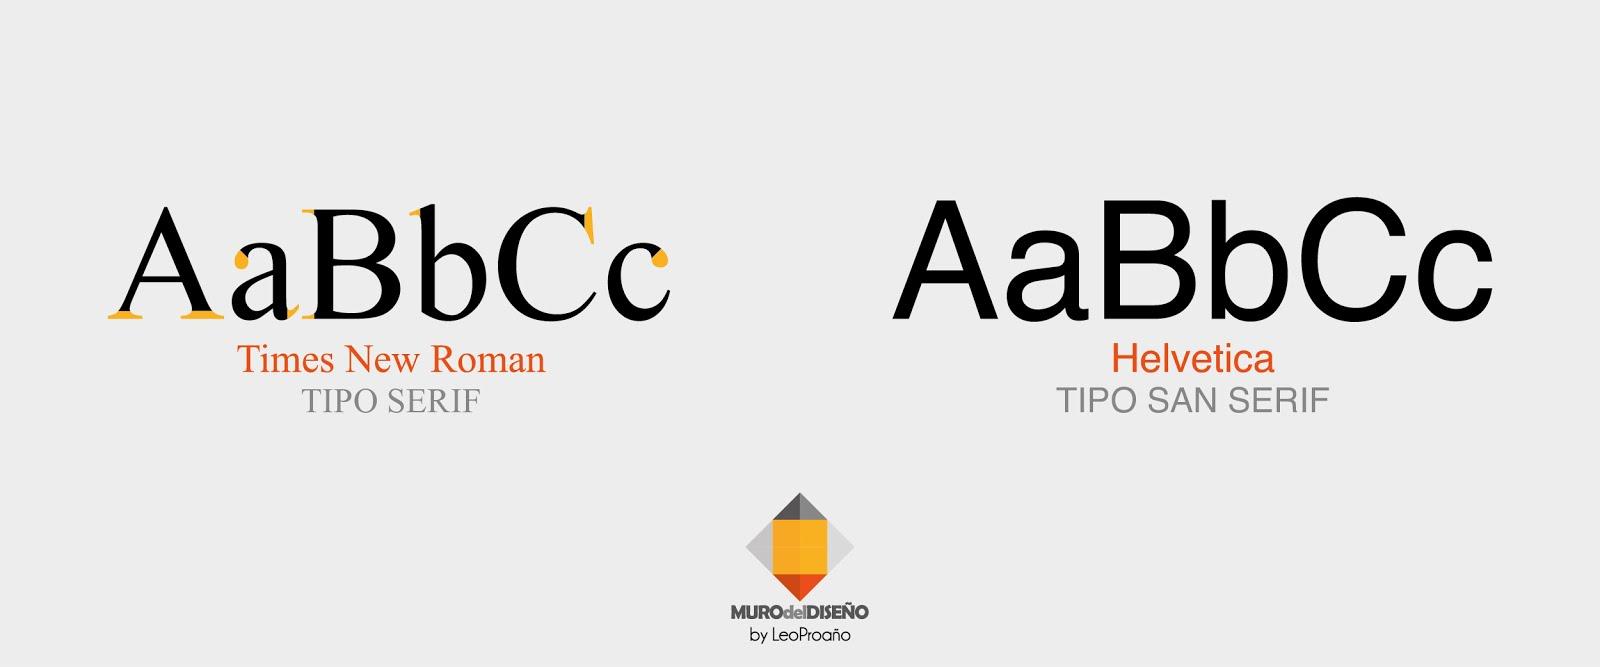 Muro del Diseño: Anatomía de las letras